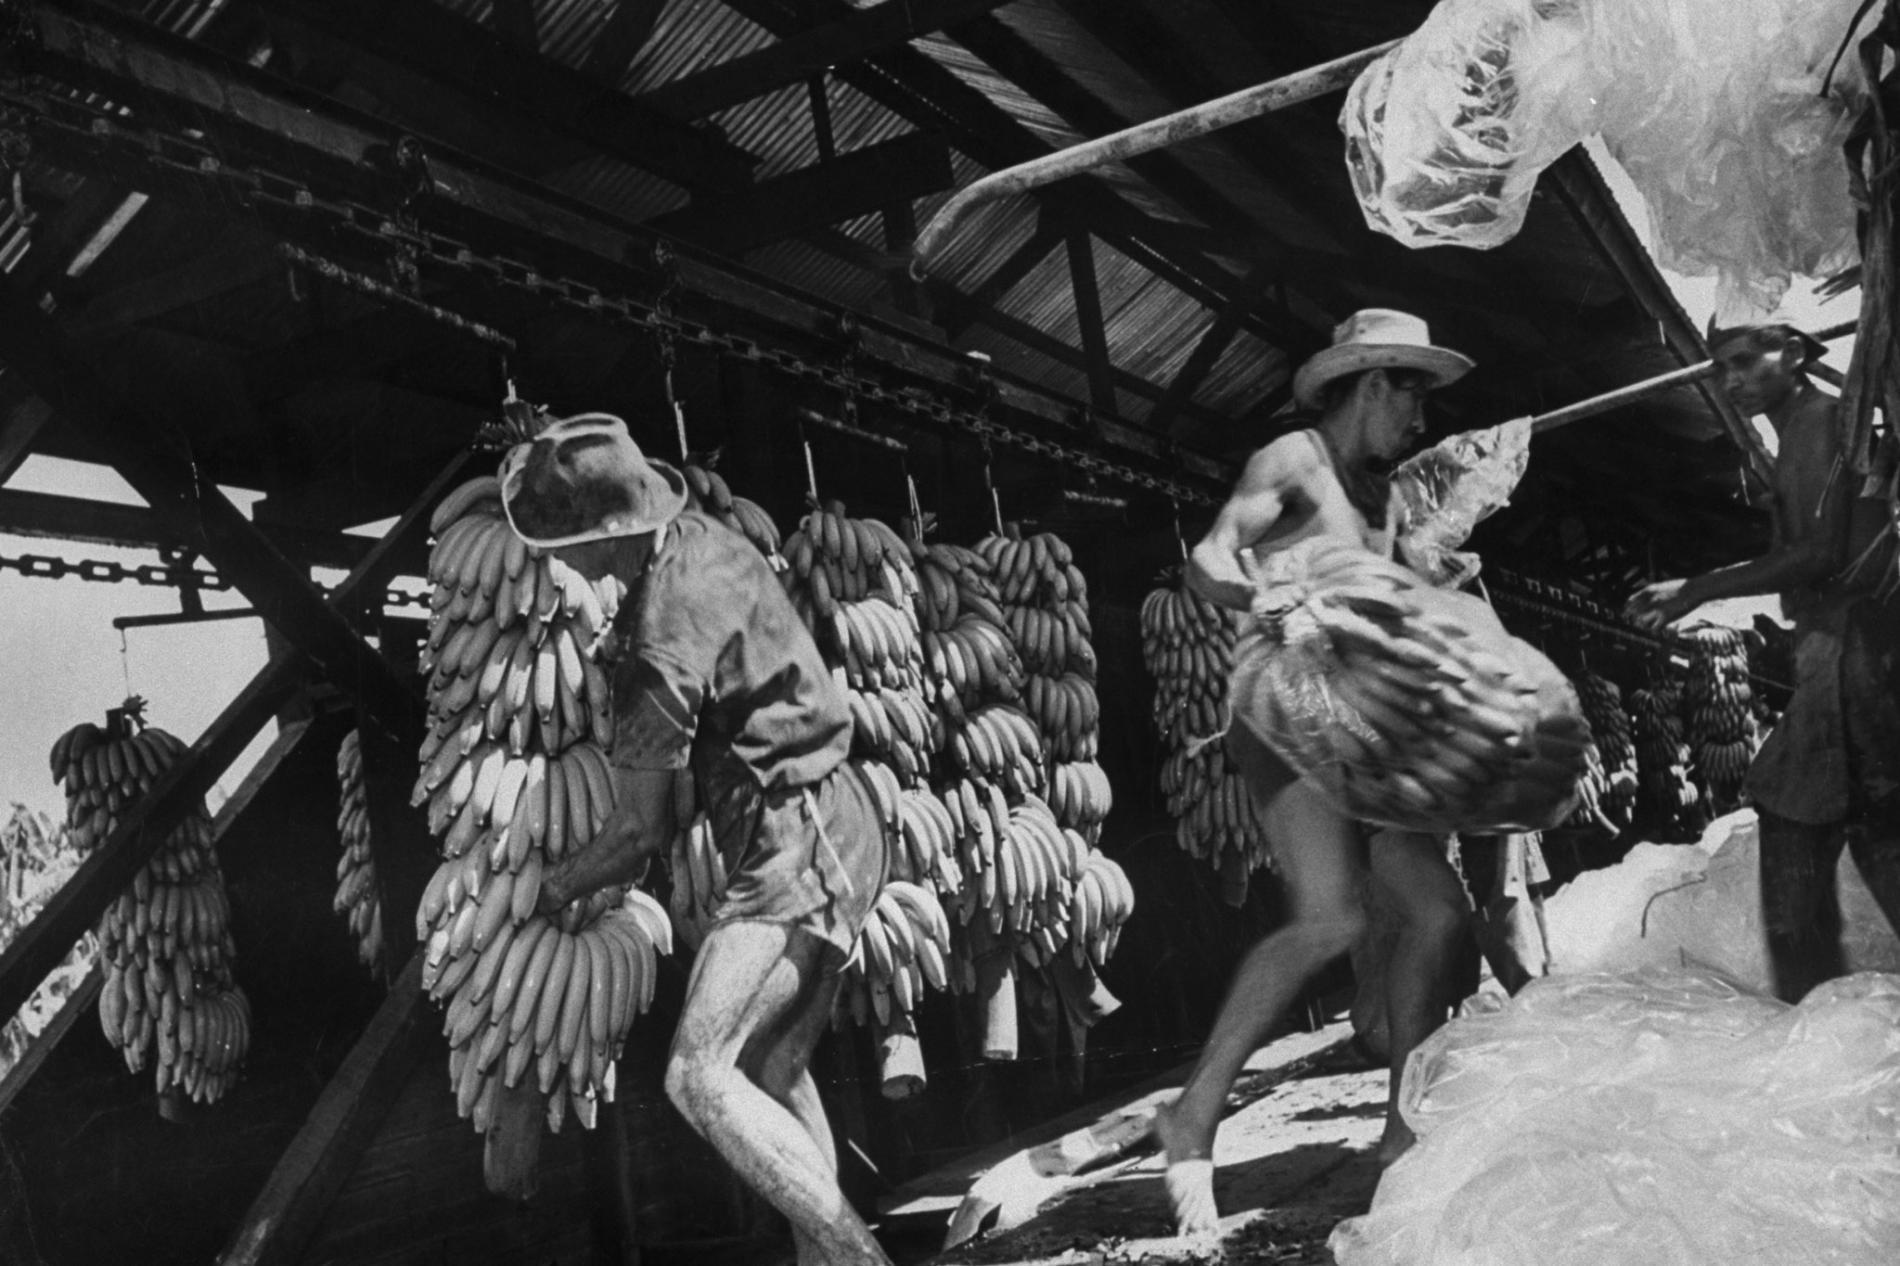 در گواتمالا، در حدود ۱۹۵۳، کارگران در ایستگاه بارگیری موزها را برای یونایتد فروت، که بعدها به چیکیتا تغییر نام پیدا کرد، بستهبندی میکنند.